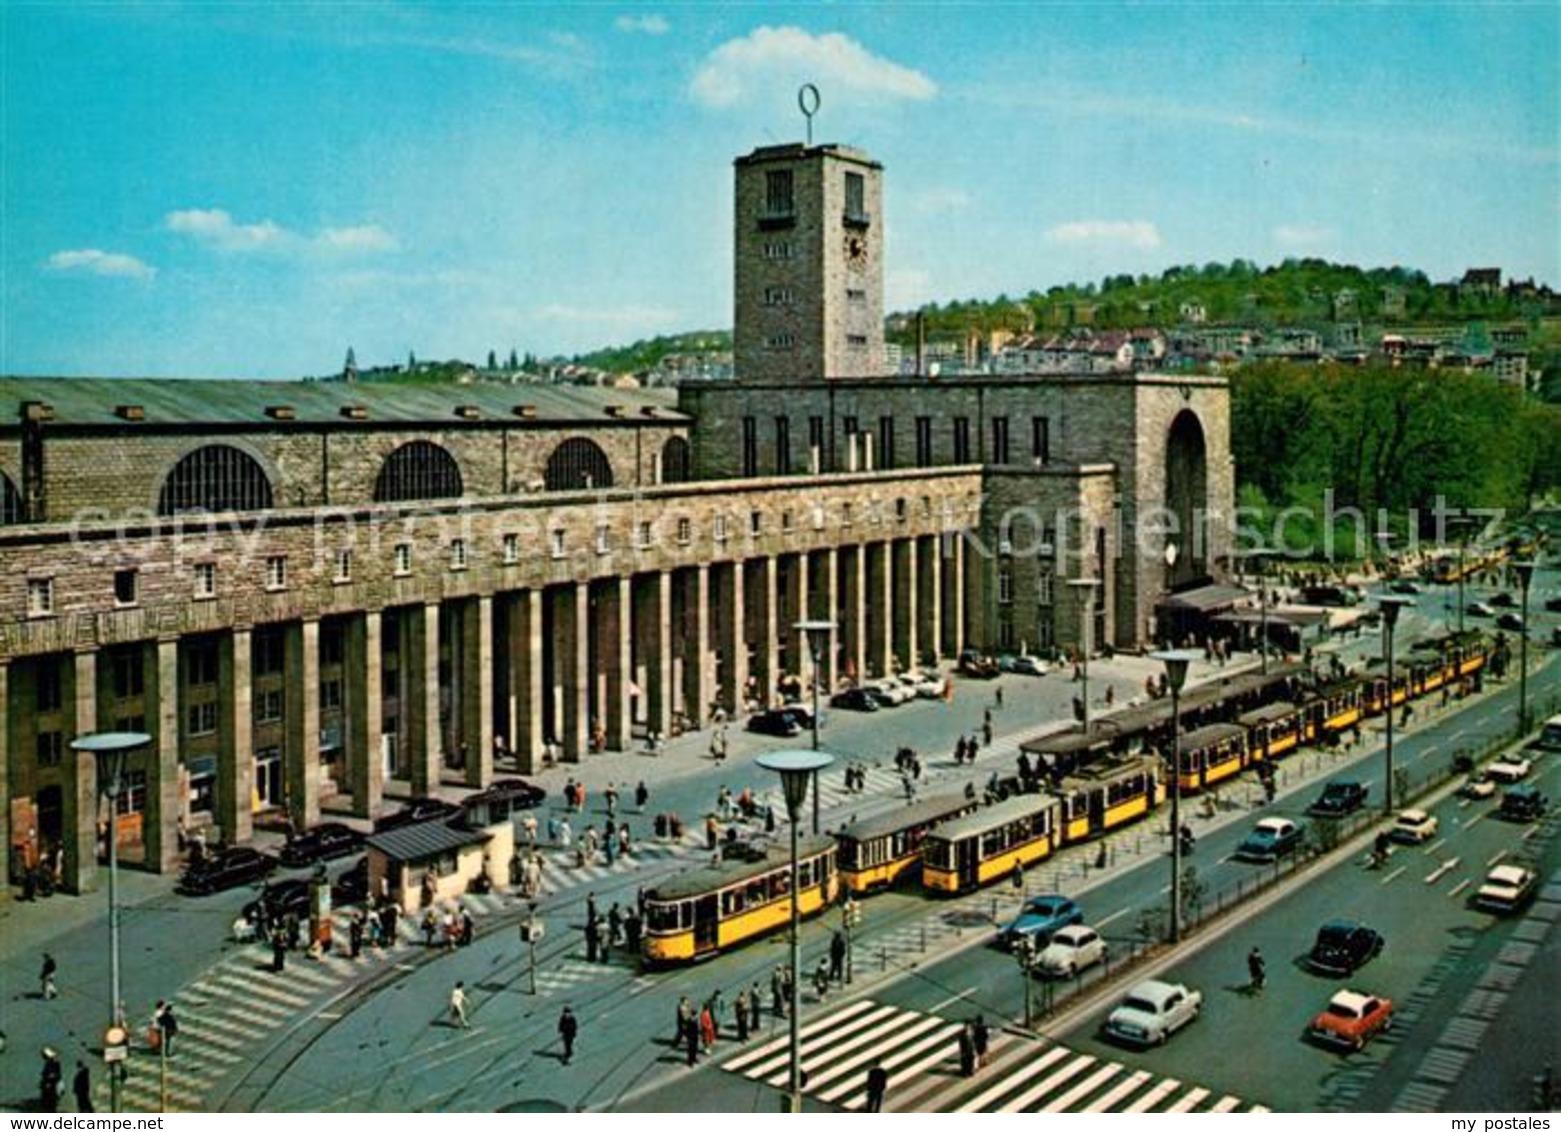 43350023 Stuttgart Hauptbahnhof Strassenbahn Stuttgart - Stuttgart